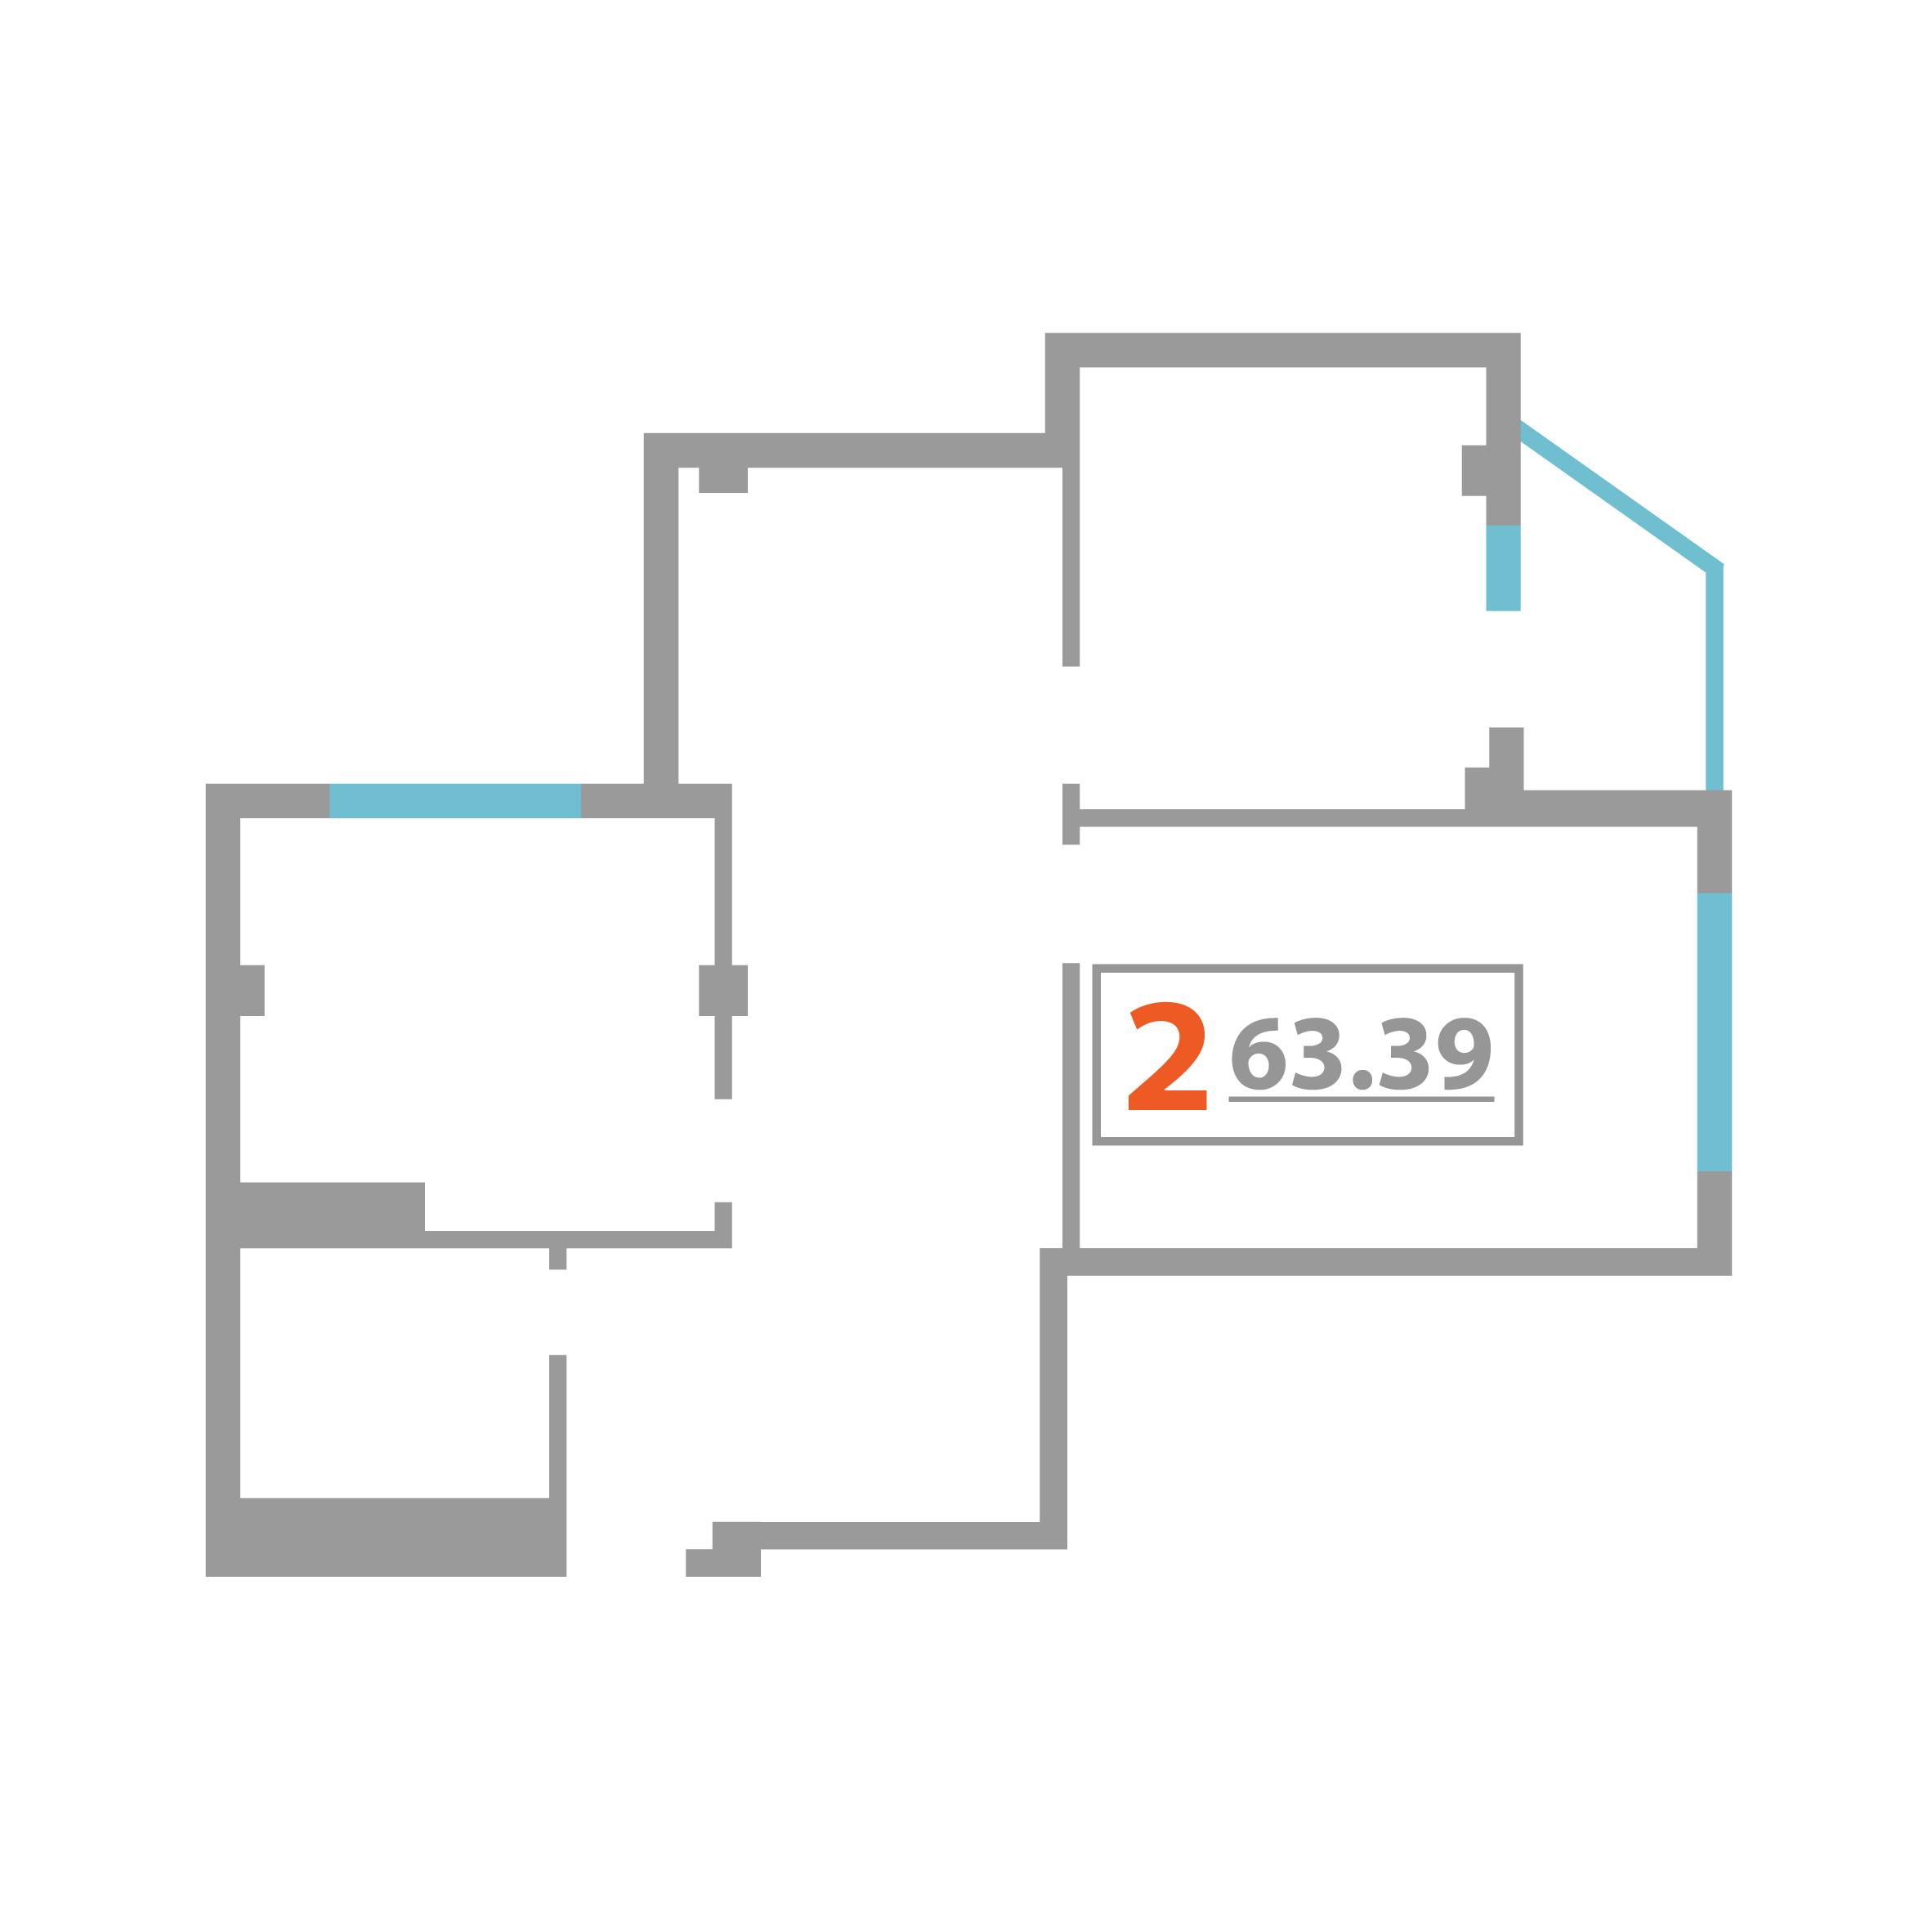 3 комнатная квартира  в районе Больничный Городок, ул. Дагомысская, 27, ЖК «Александрит», г. Сочи